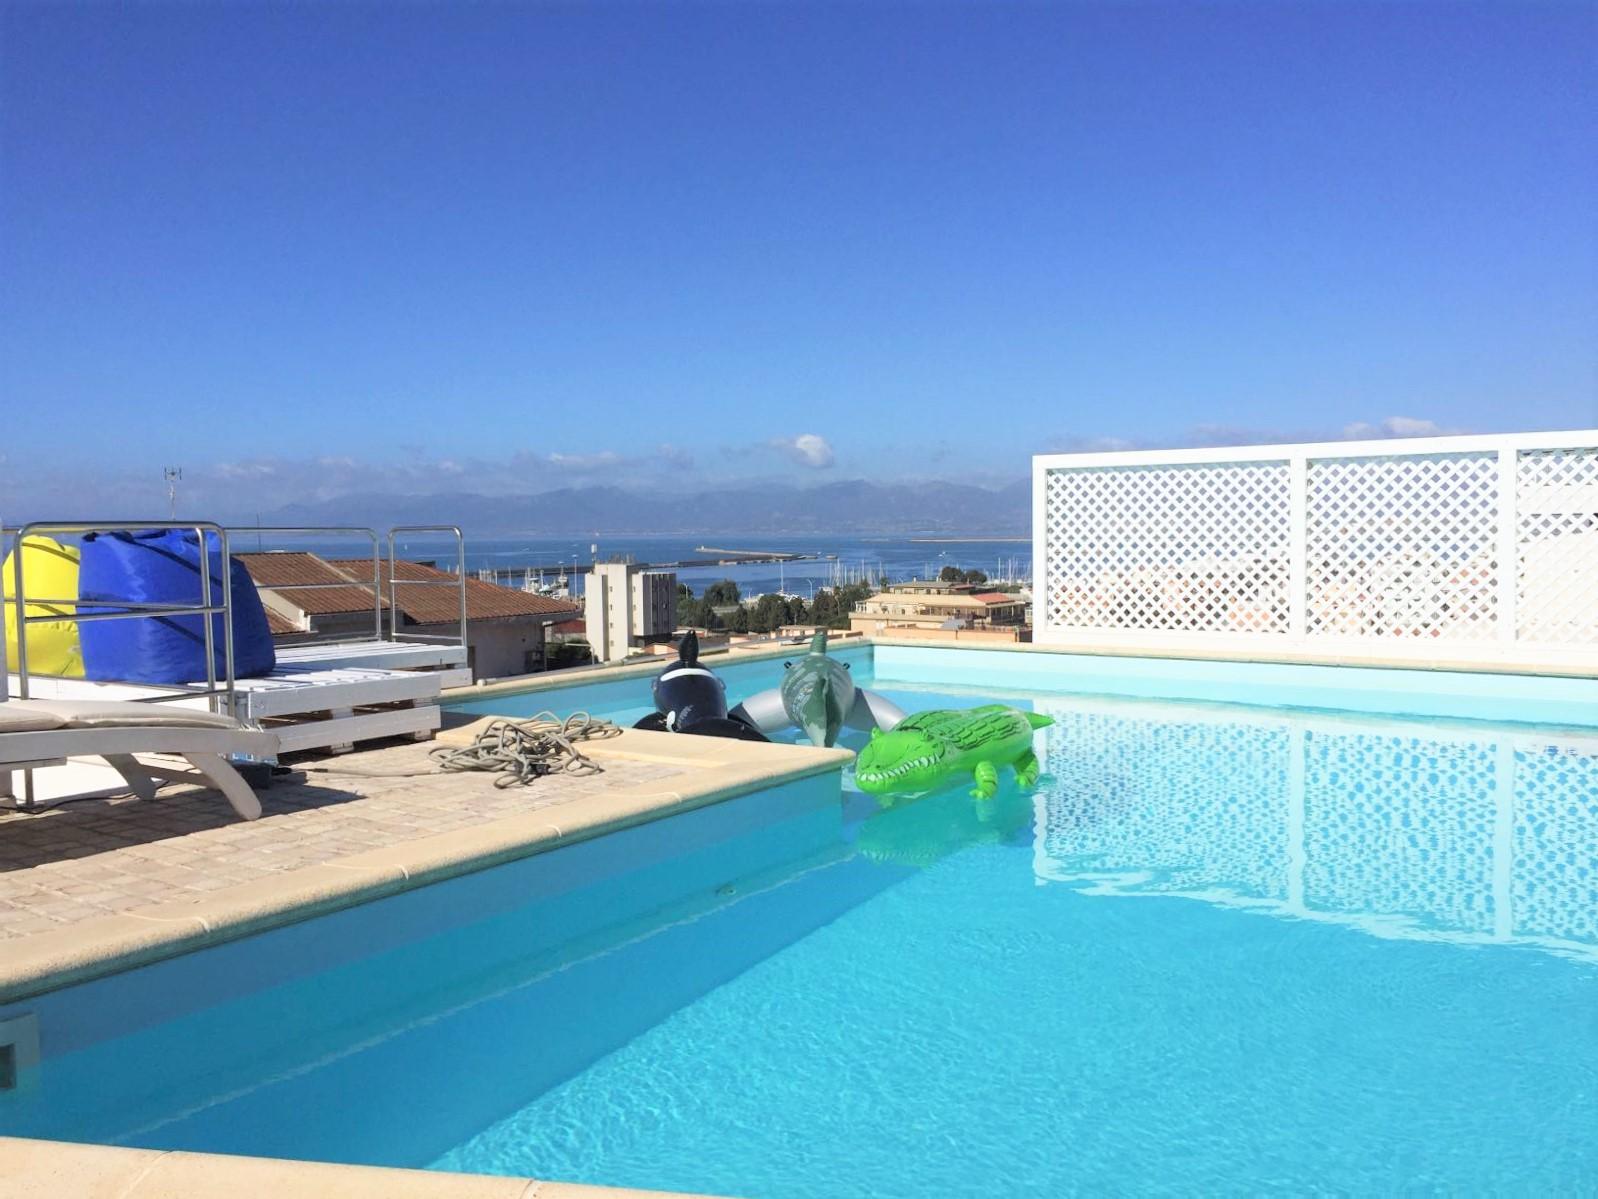 Bonaria attico panoramico con piscina house experience - Attico con piscina ...